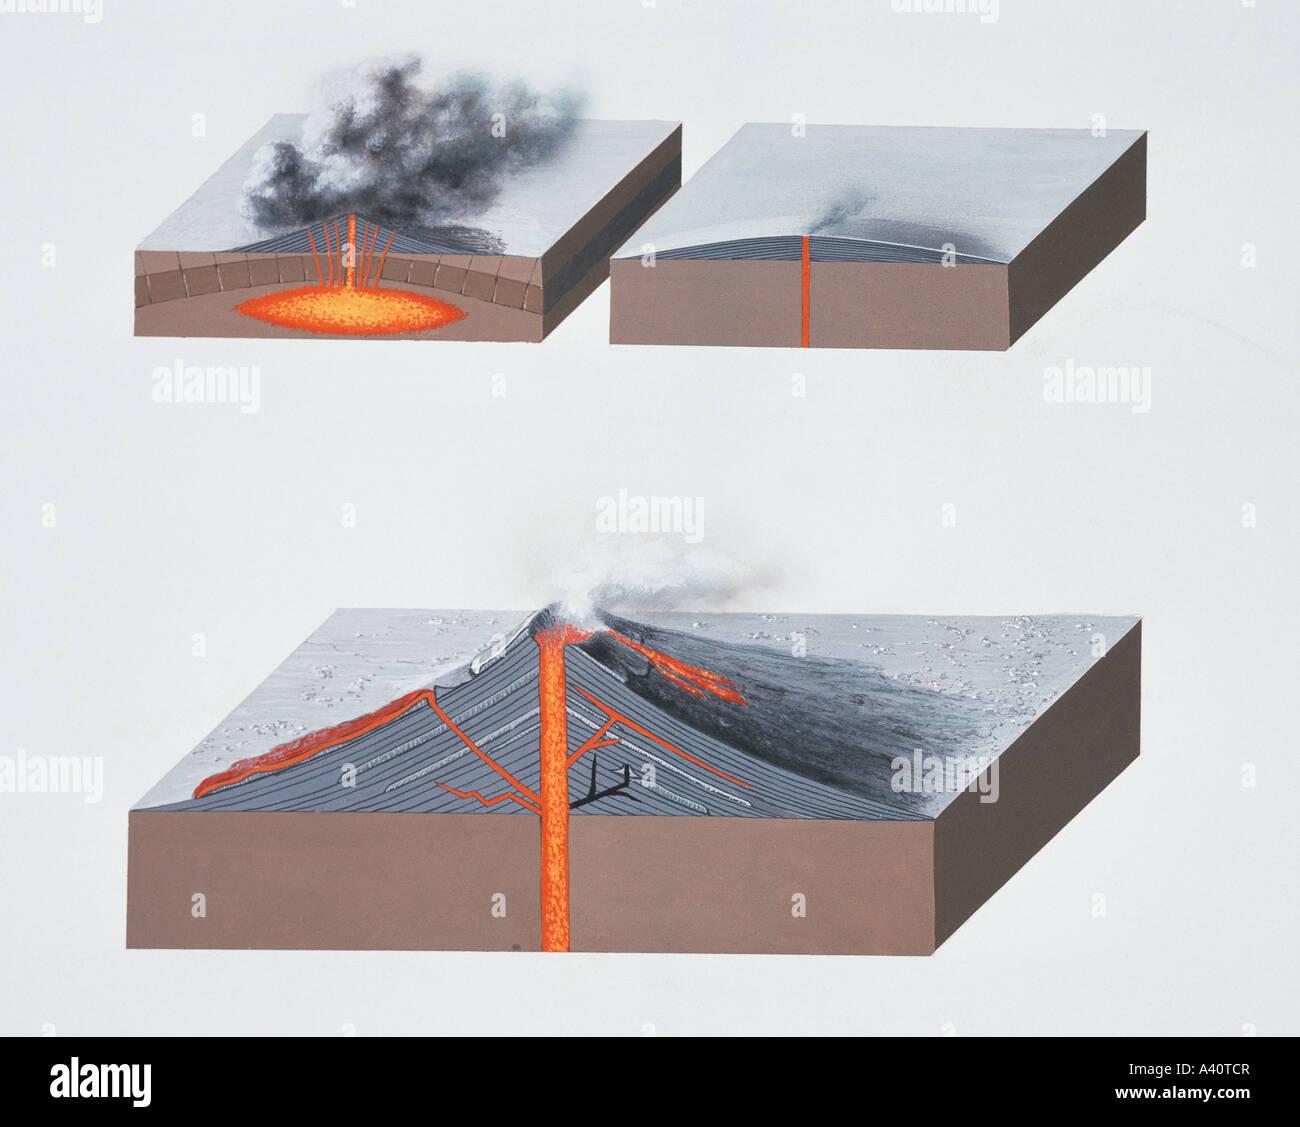 Volcano diagram stock photos volcano diagram stock images alamy volcano types stock image ccuart Gallery